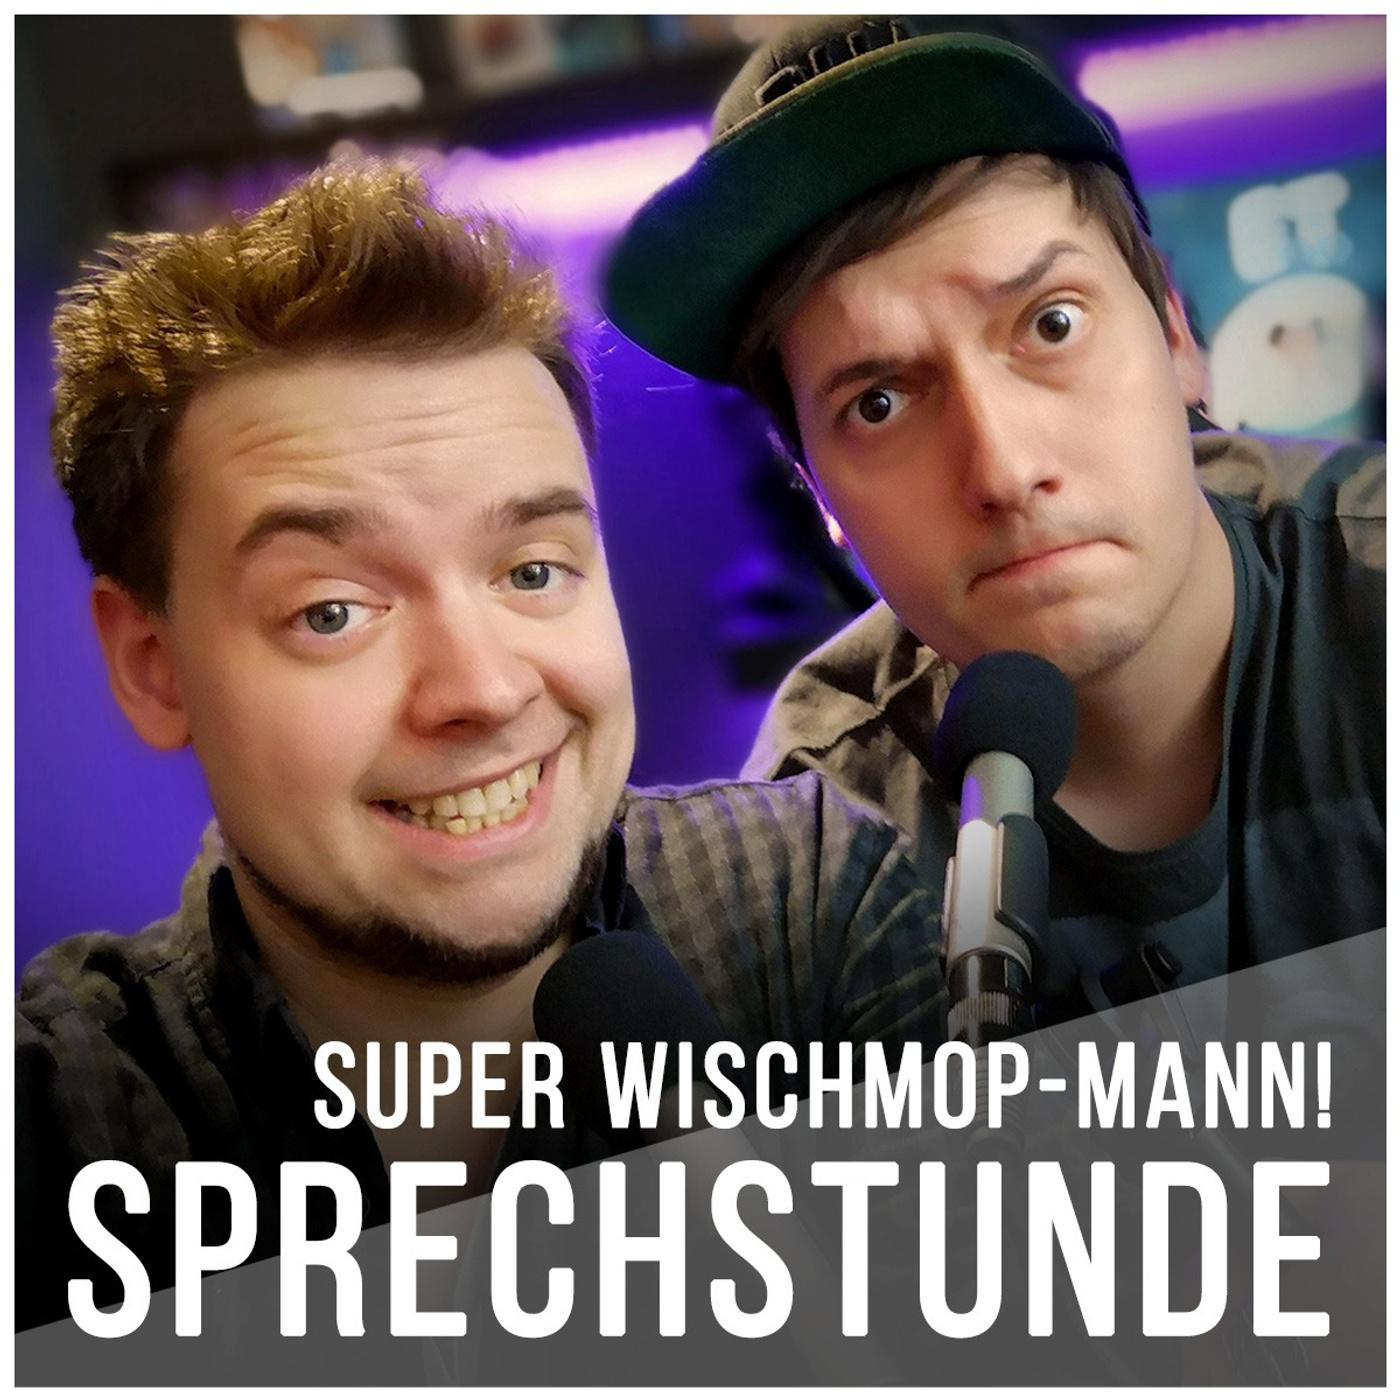 Super Wischmop-Mann! Über Markenkleidung, Fast Food und Wichs-Parties 💦 #Sprechstunde 15. Januar 2020